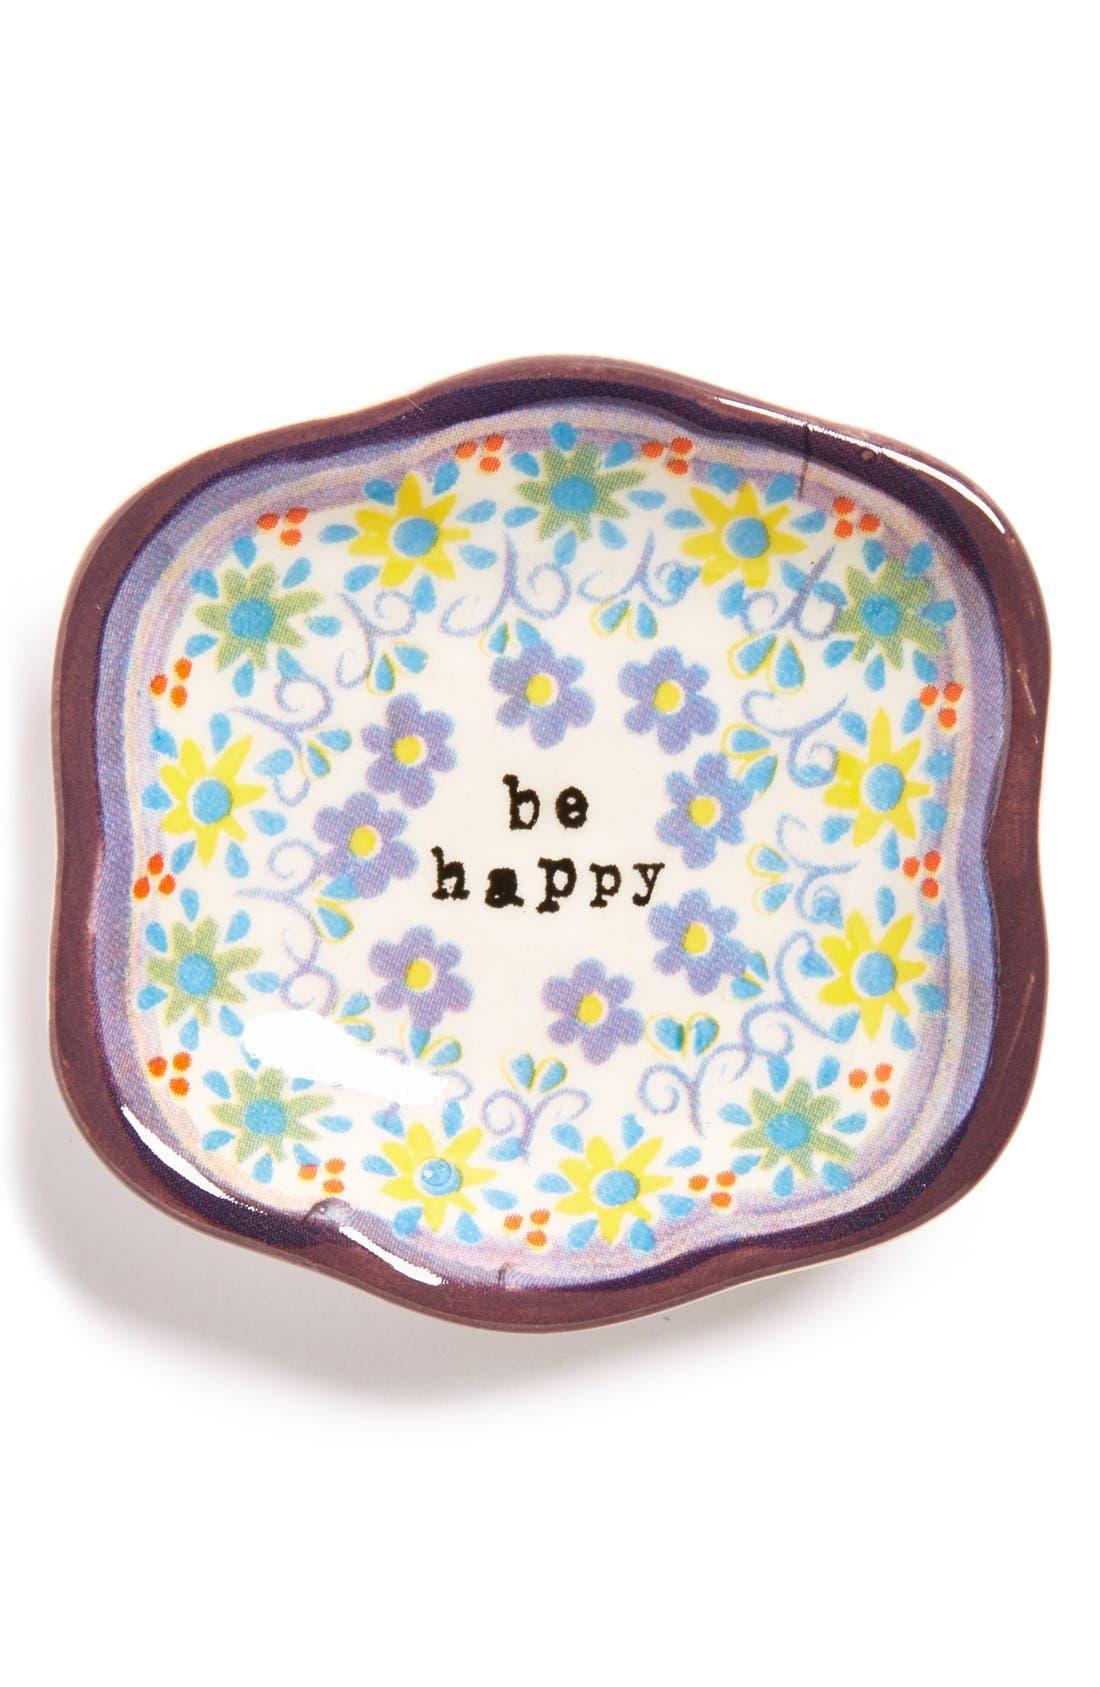 Alternate Image 1 Selected - Natural Life 'Be Happy' Ceramic Trinket Dish